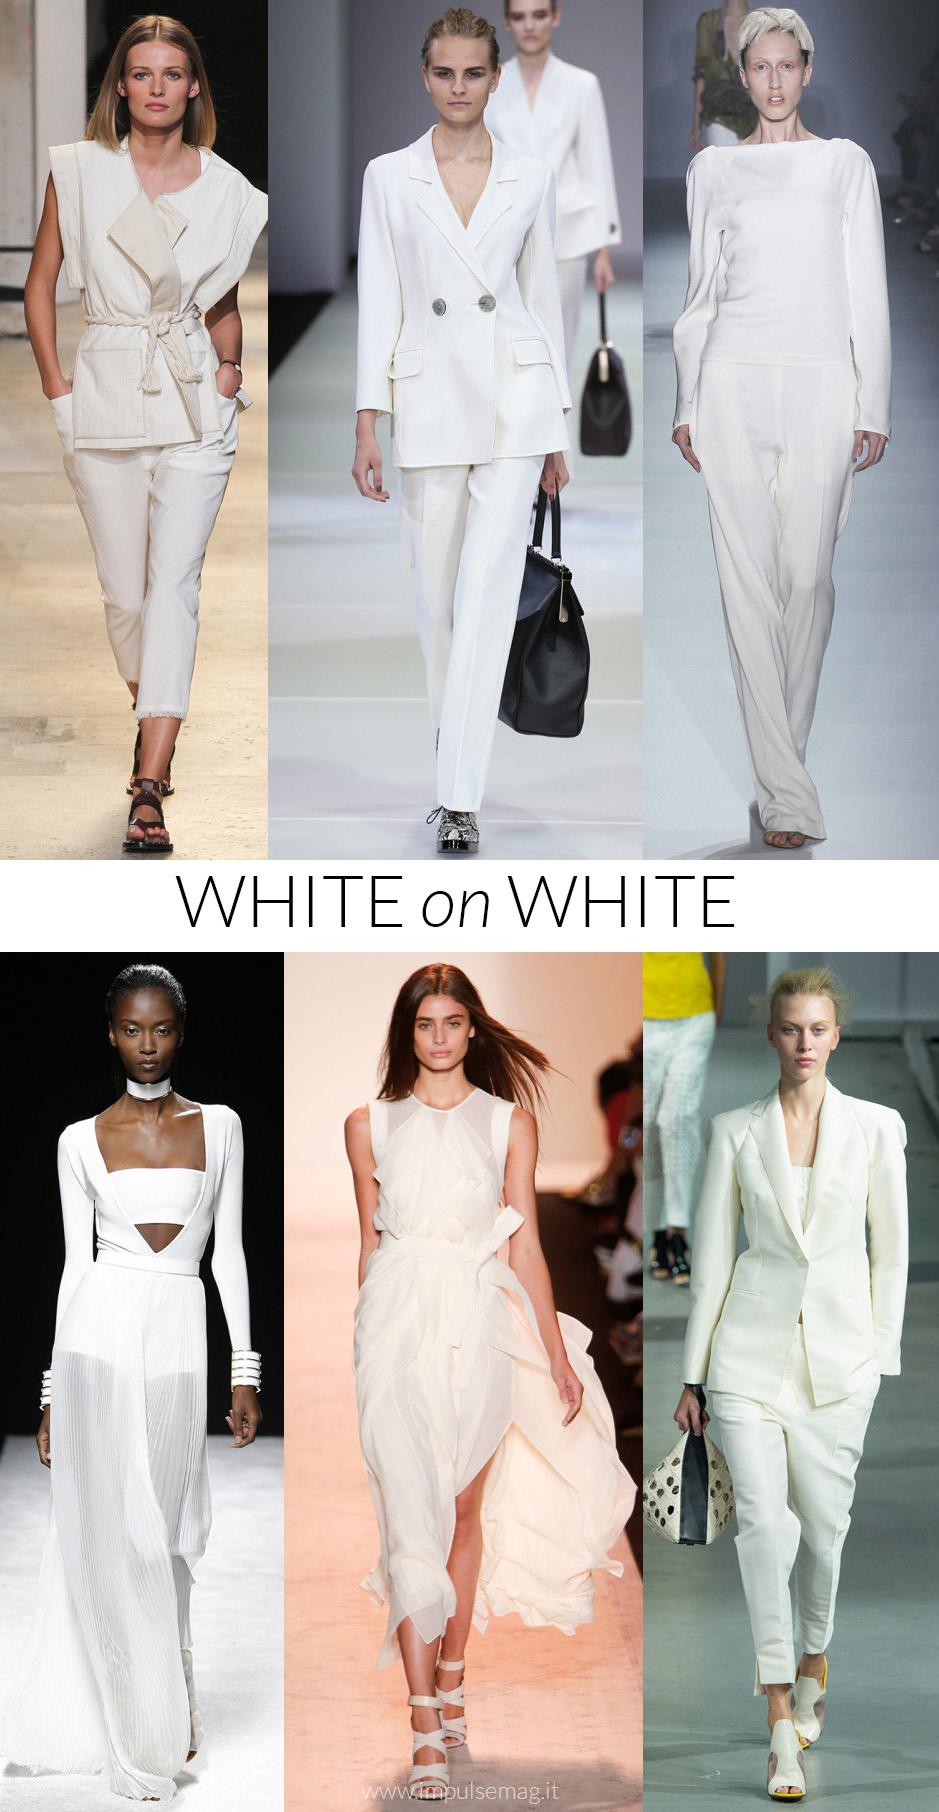 white trend moda primavera estate 2015 fashion blogger elena schiavon